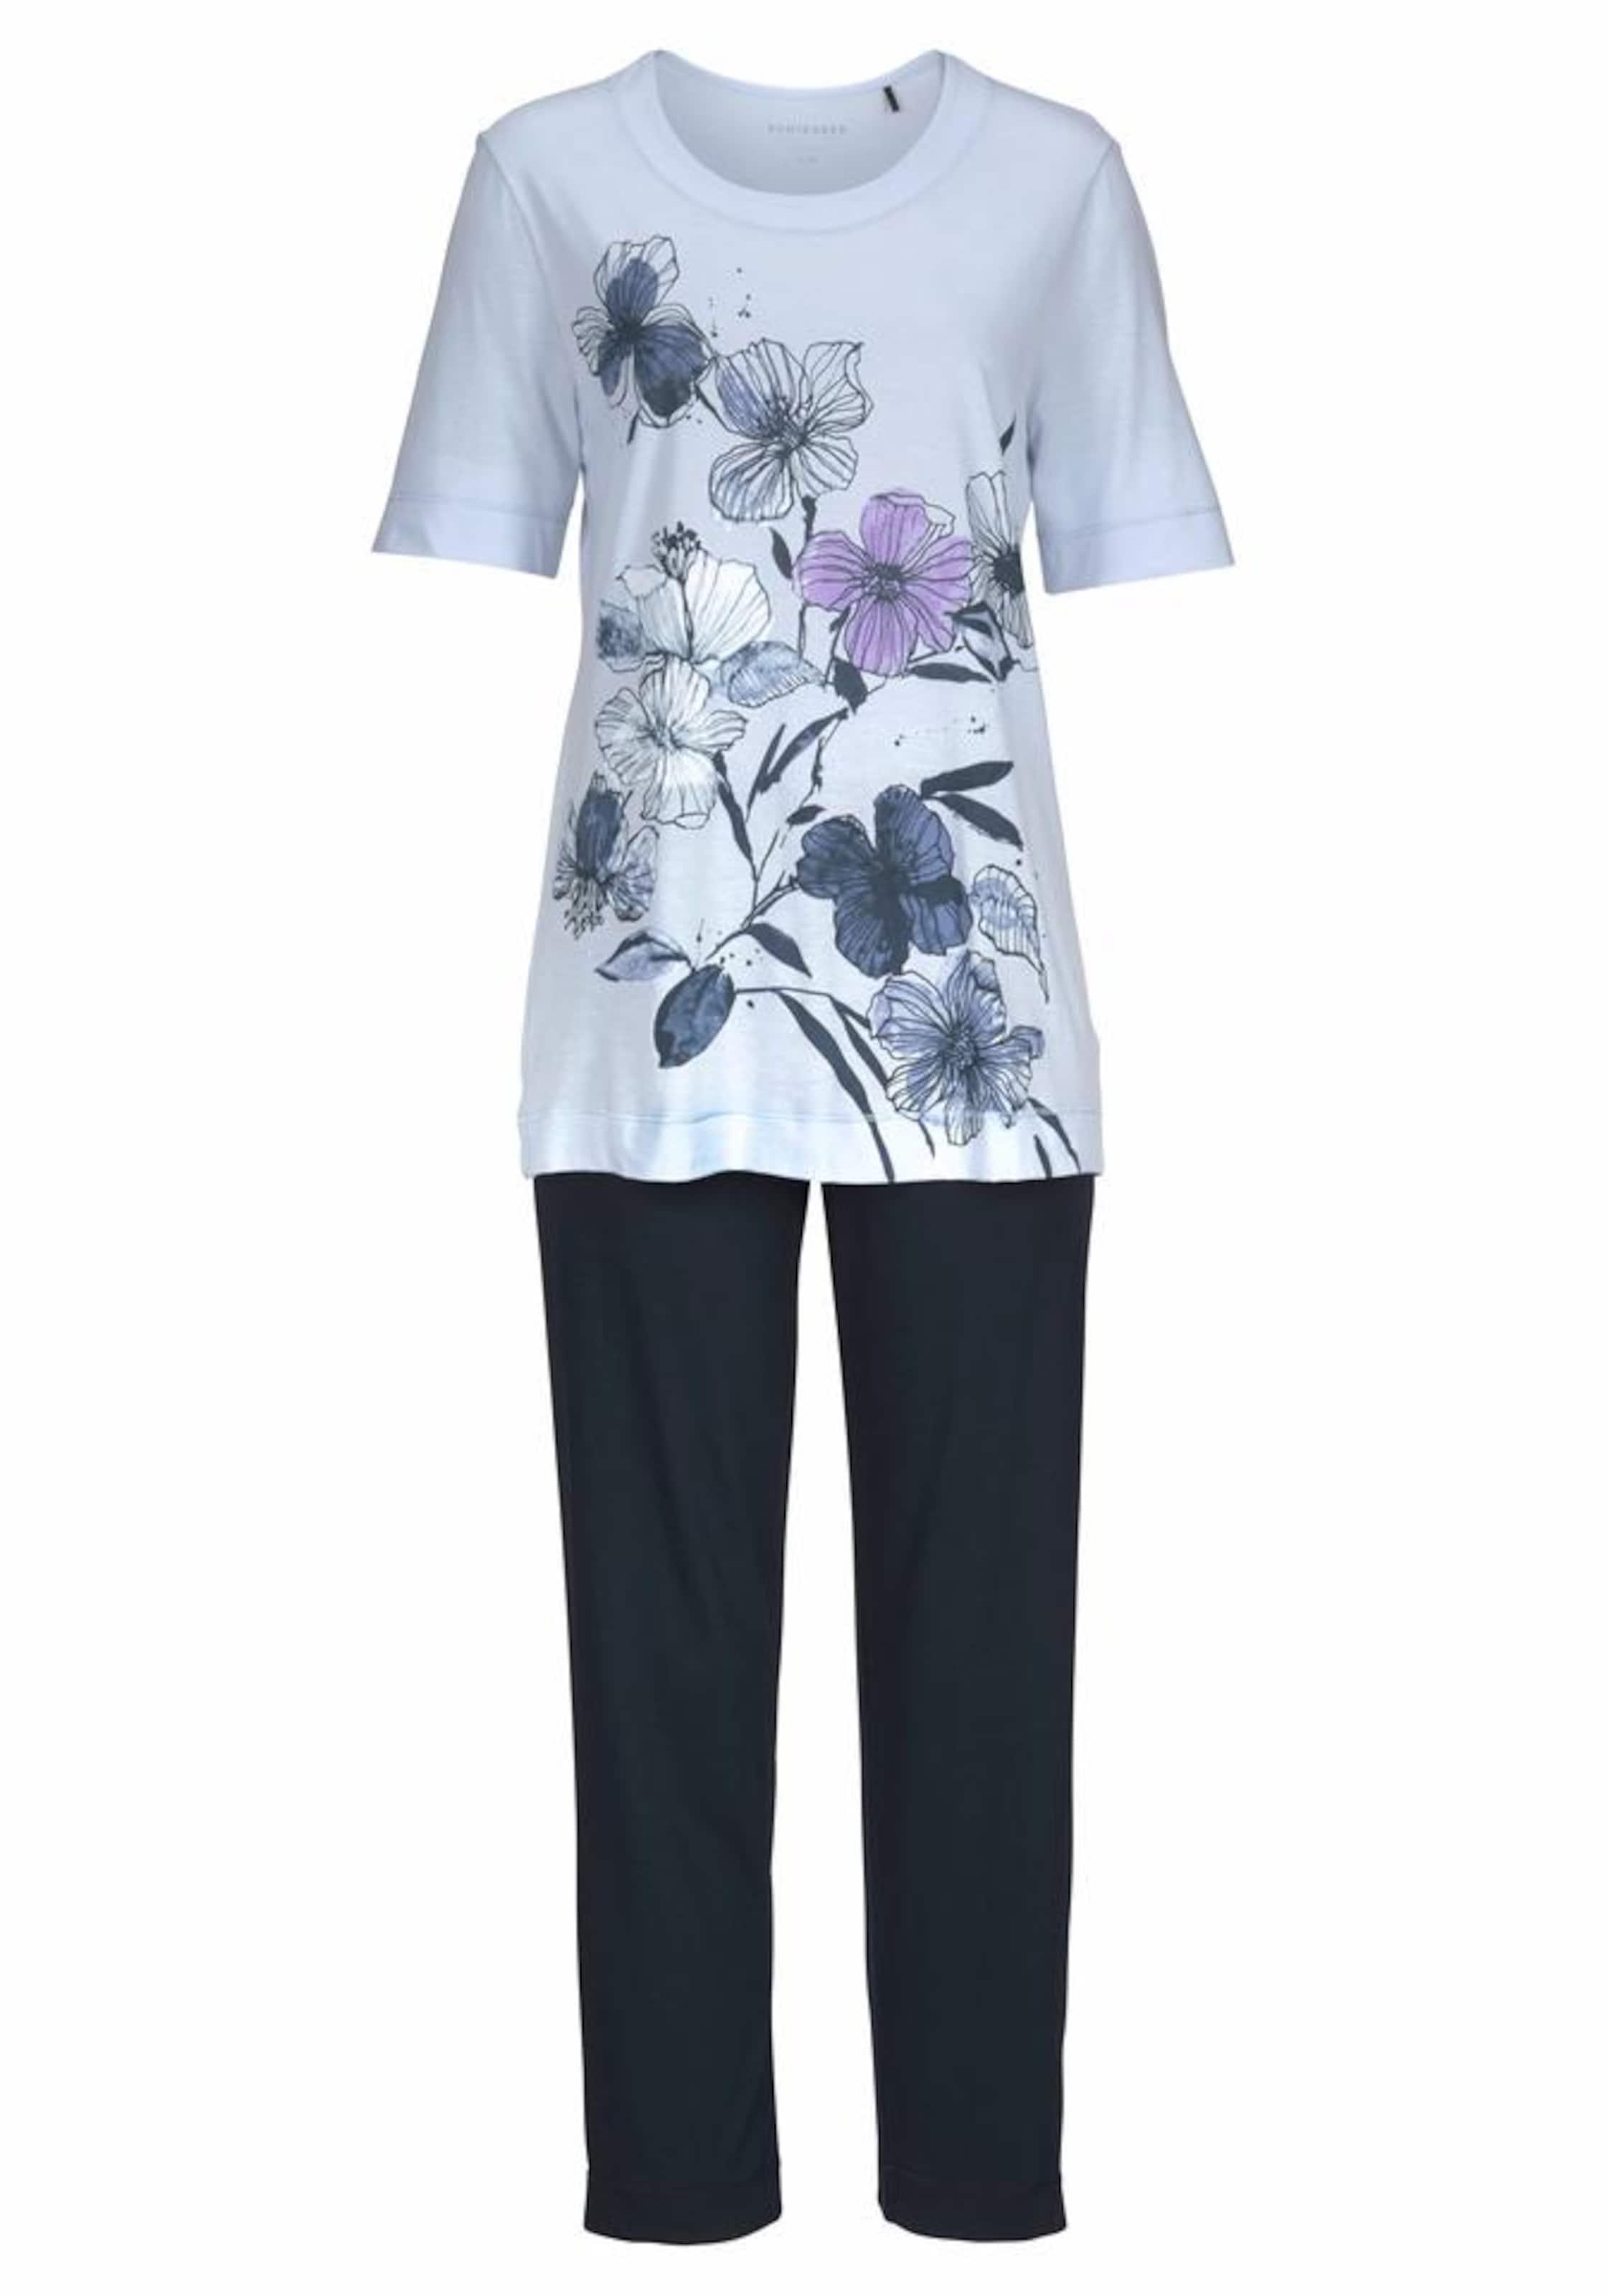 Rabatt Kosten Exklusiv Zum Verkauf SCHIESSER pyjama Billig Authentische Countdown-Paket Zum Verkauf Outlet-Store 8YNxBjl